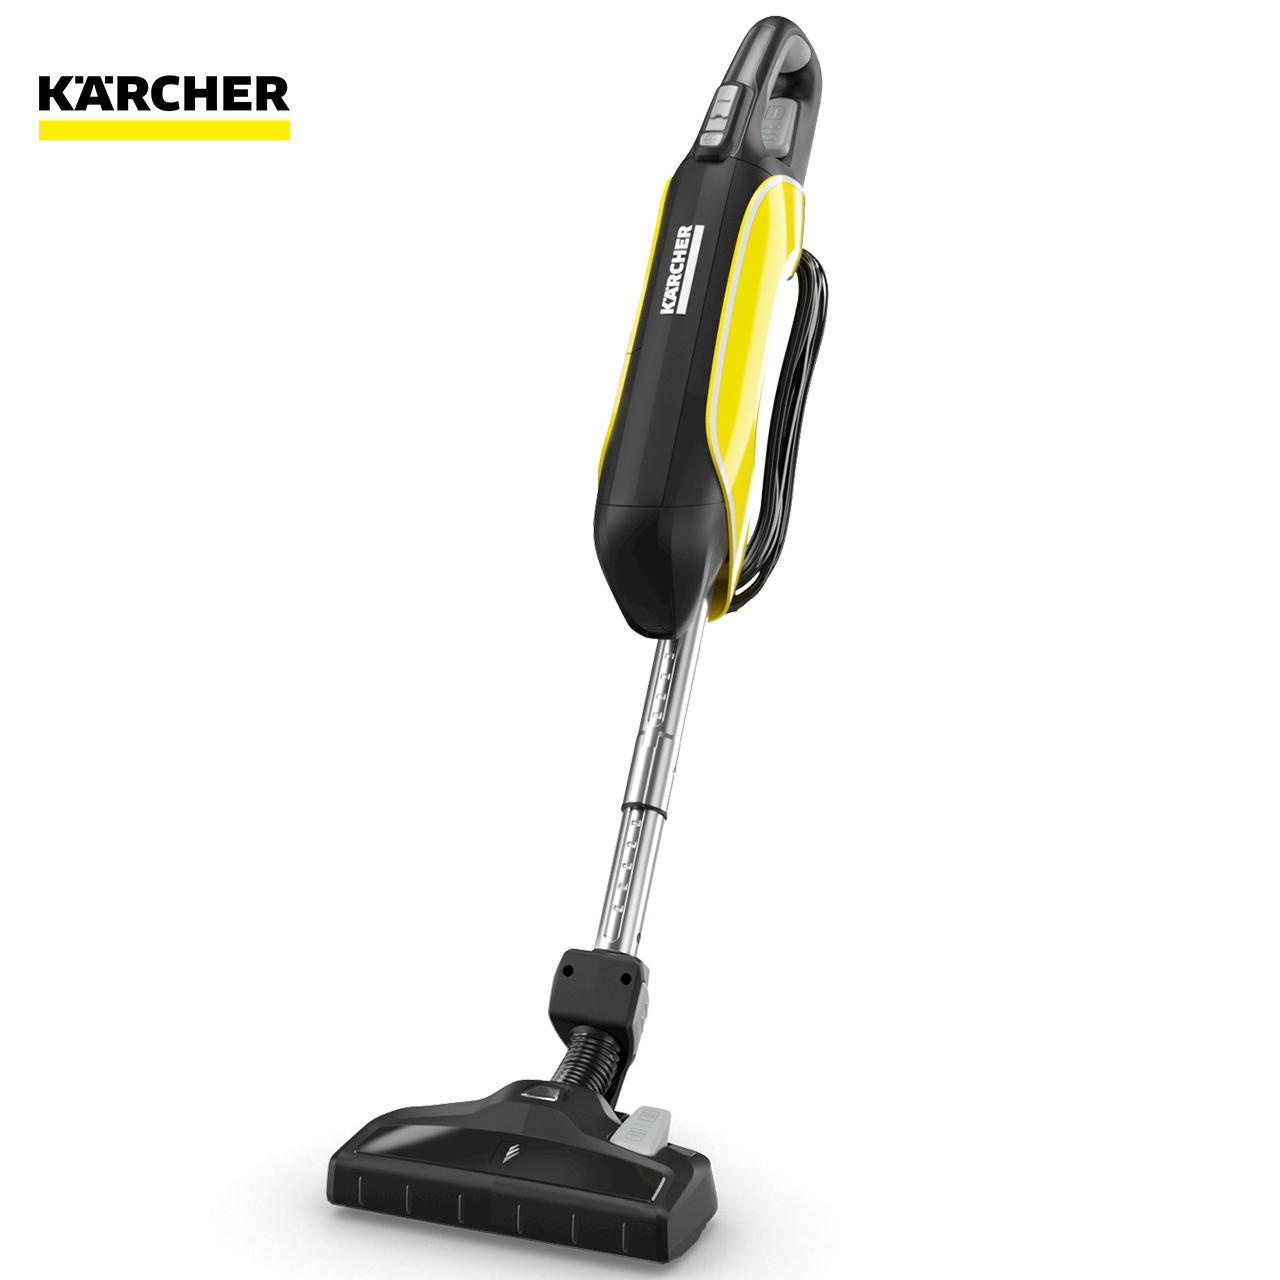 凯驰集团karcher卡赫吸尘器家用小型手持式强力除螨大功率VC5